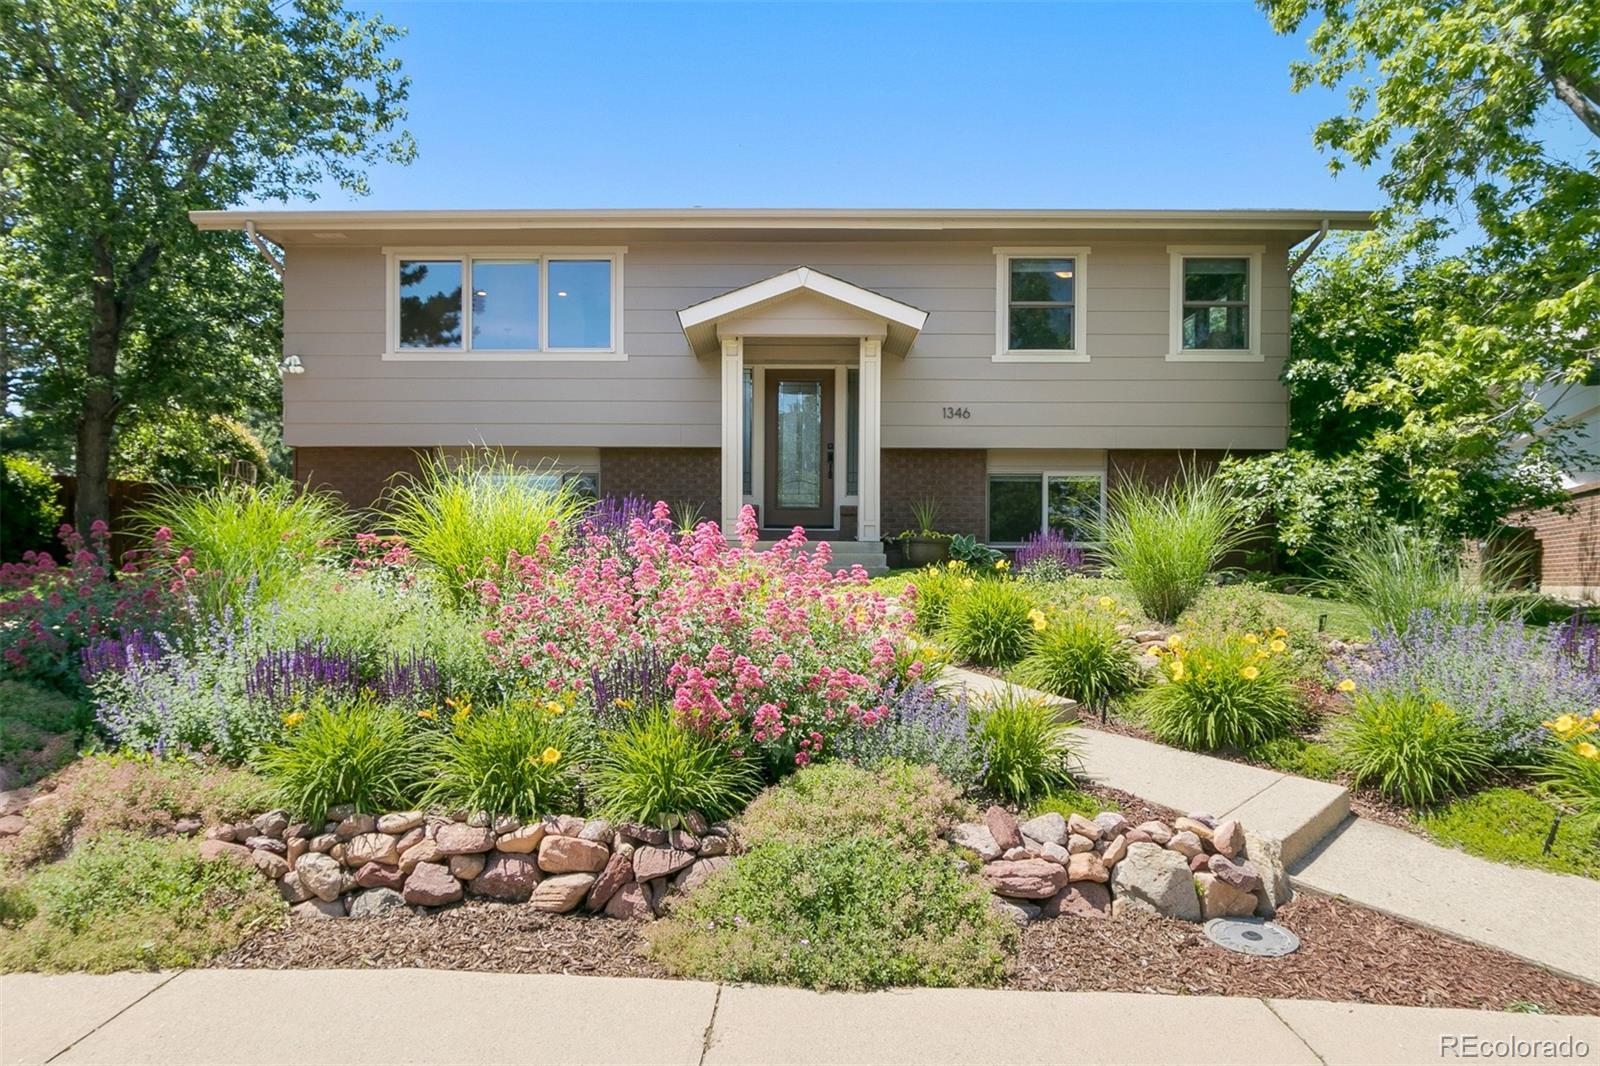 MLS# 2204463 - 1 - 1346 Scrub Oak Circle, Boulder, CO 80305